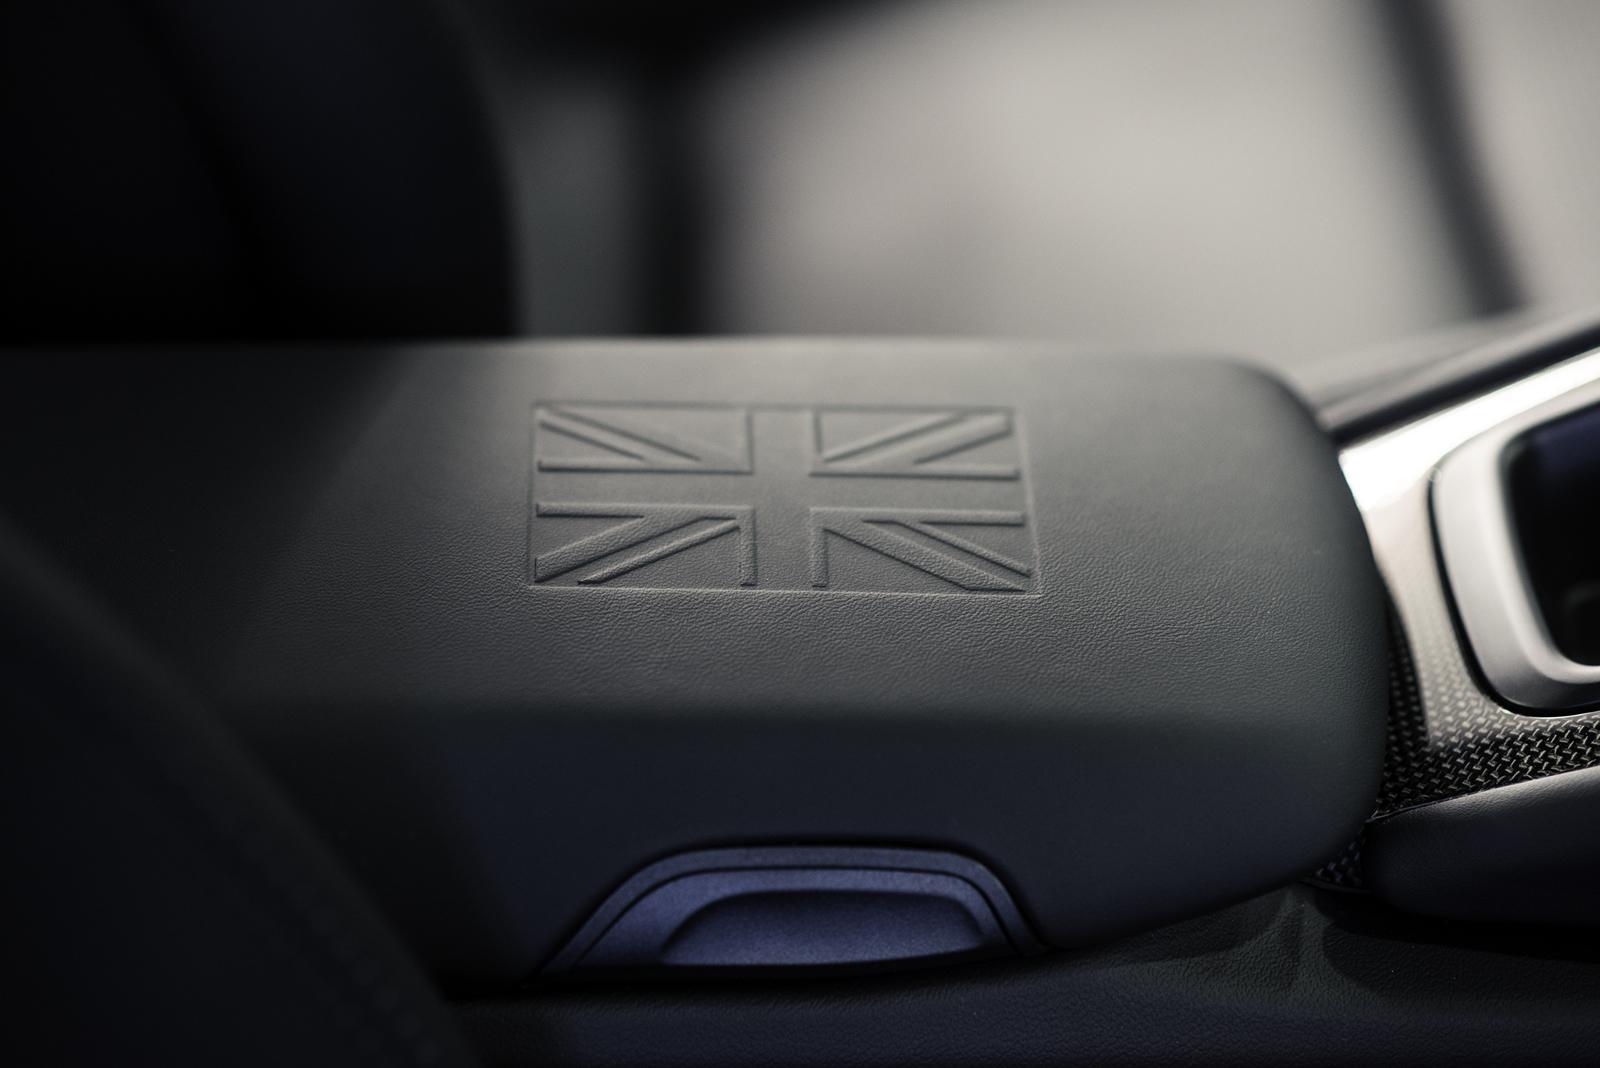 Porsche 911 Turbo S GB Edition, edición limitada exclusiva para Inglaterra 3